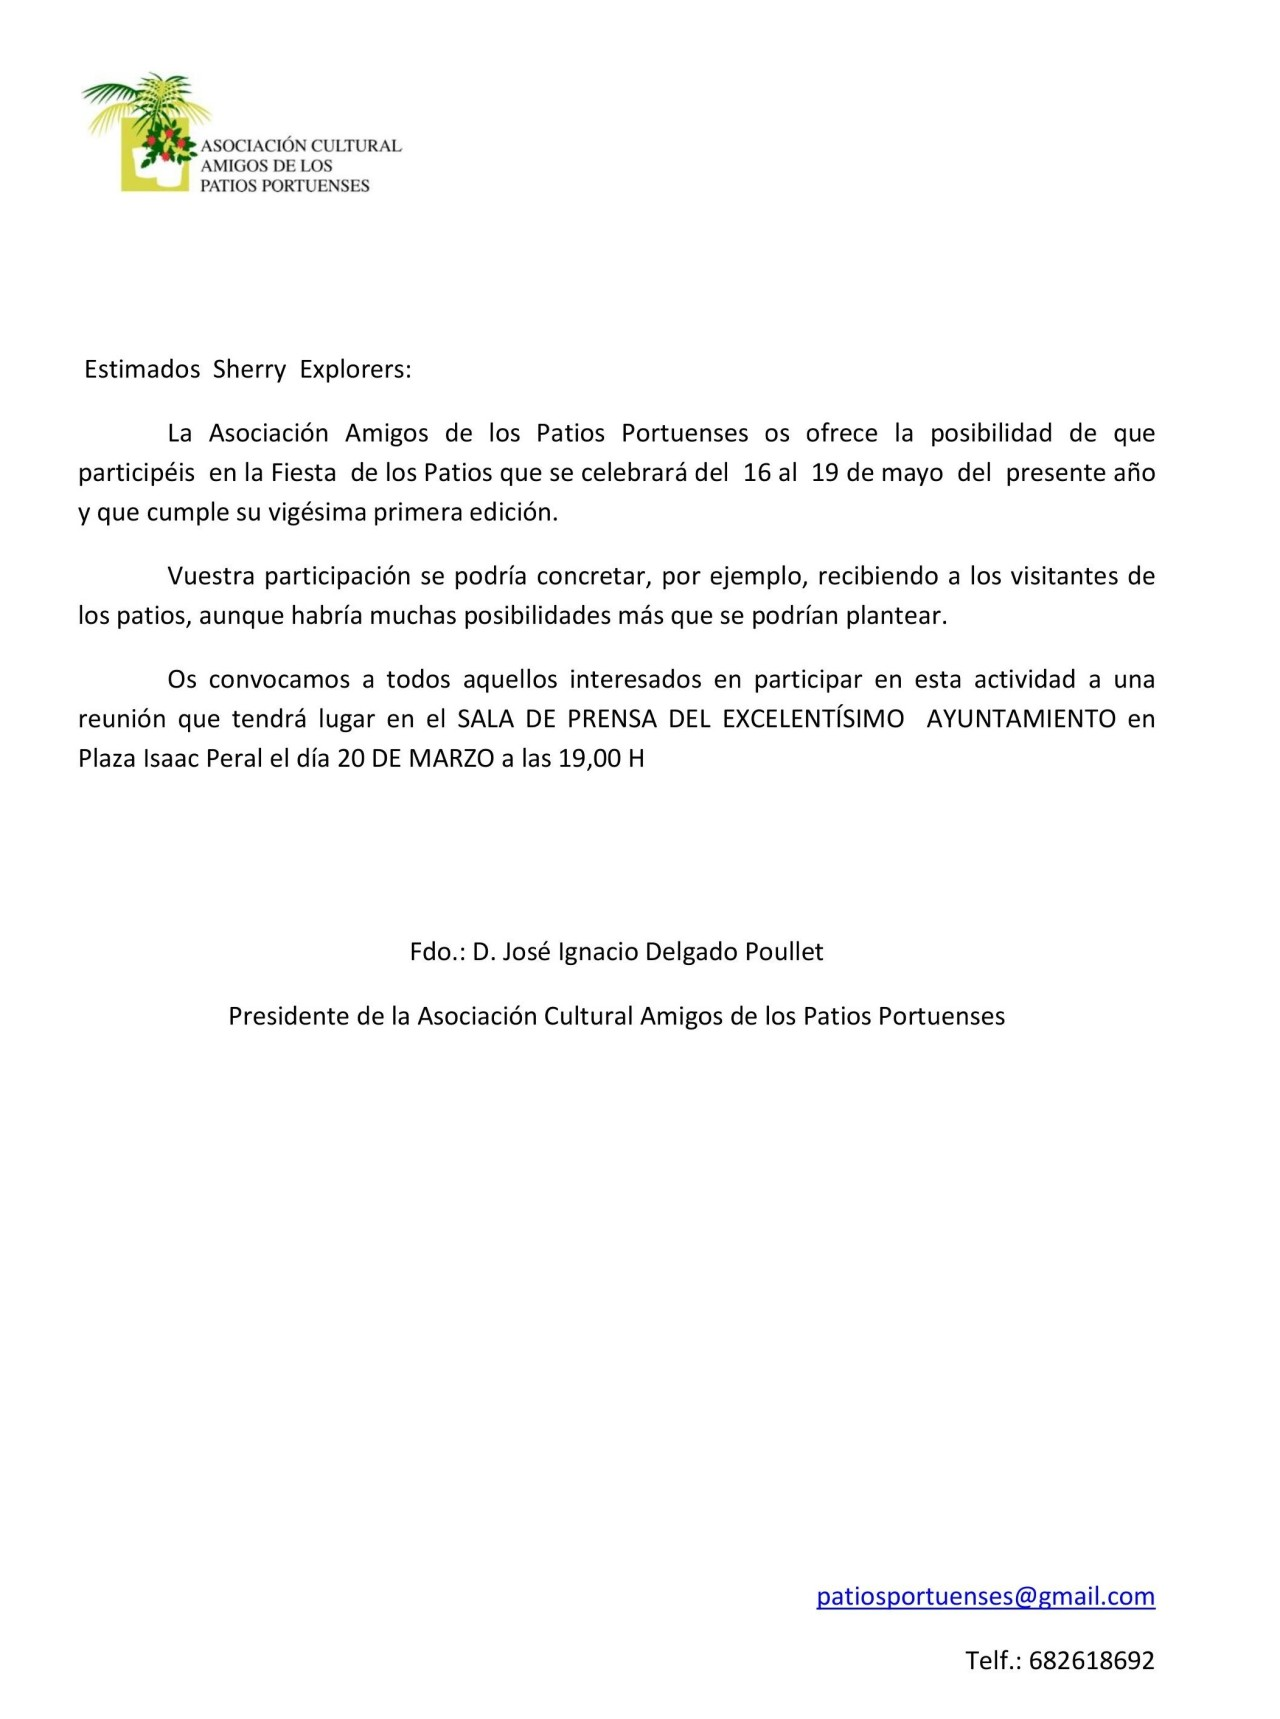 Carta la Asociación Cultural Amigos de los Patios Portuenses(Spanish)